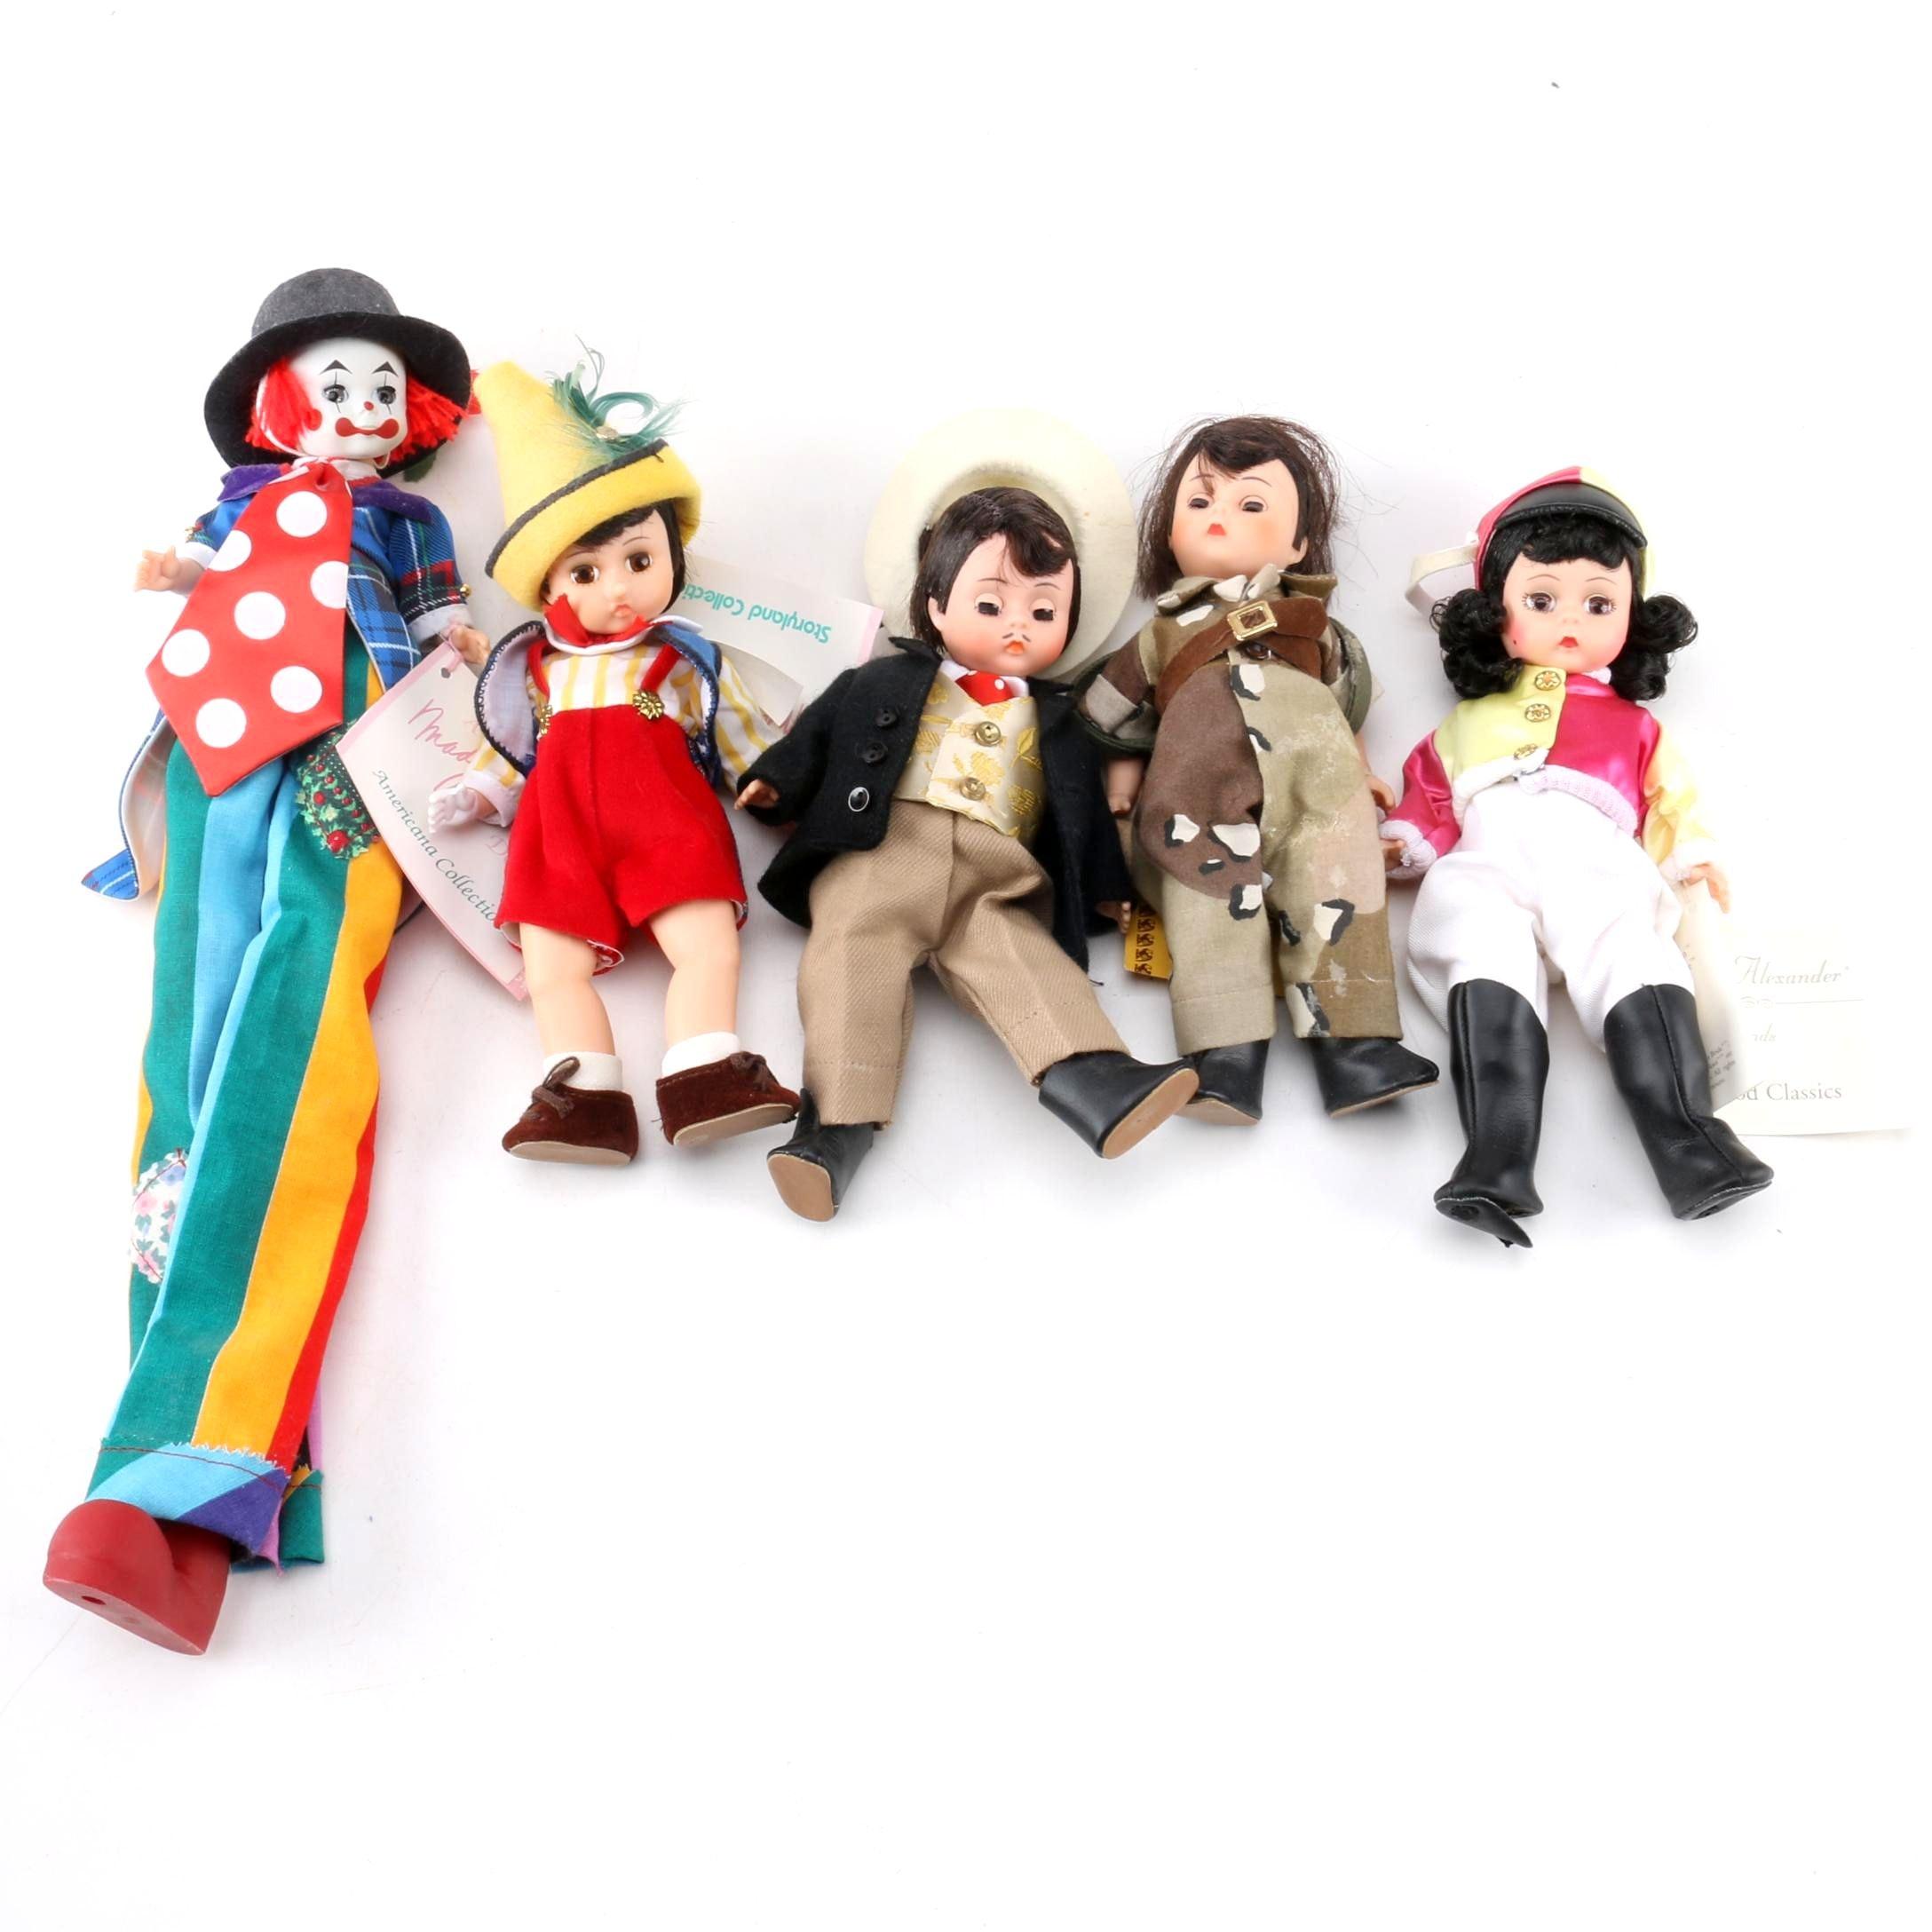 """Vintage Madame Alexander Dolls Featuring """"Stilts"""""""